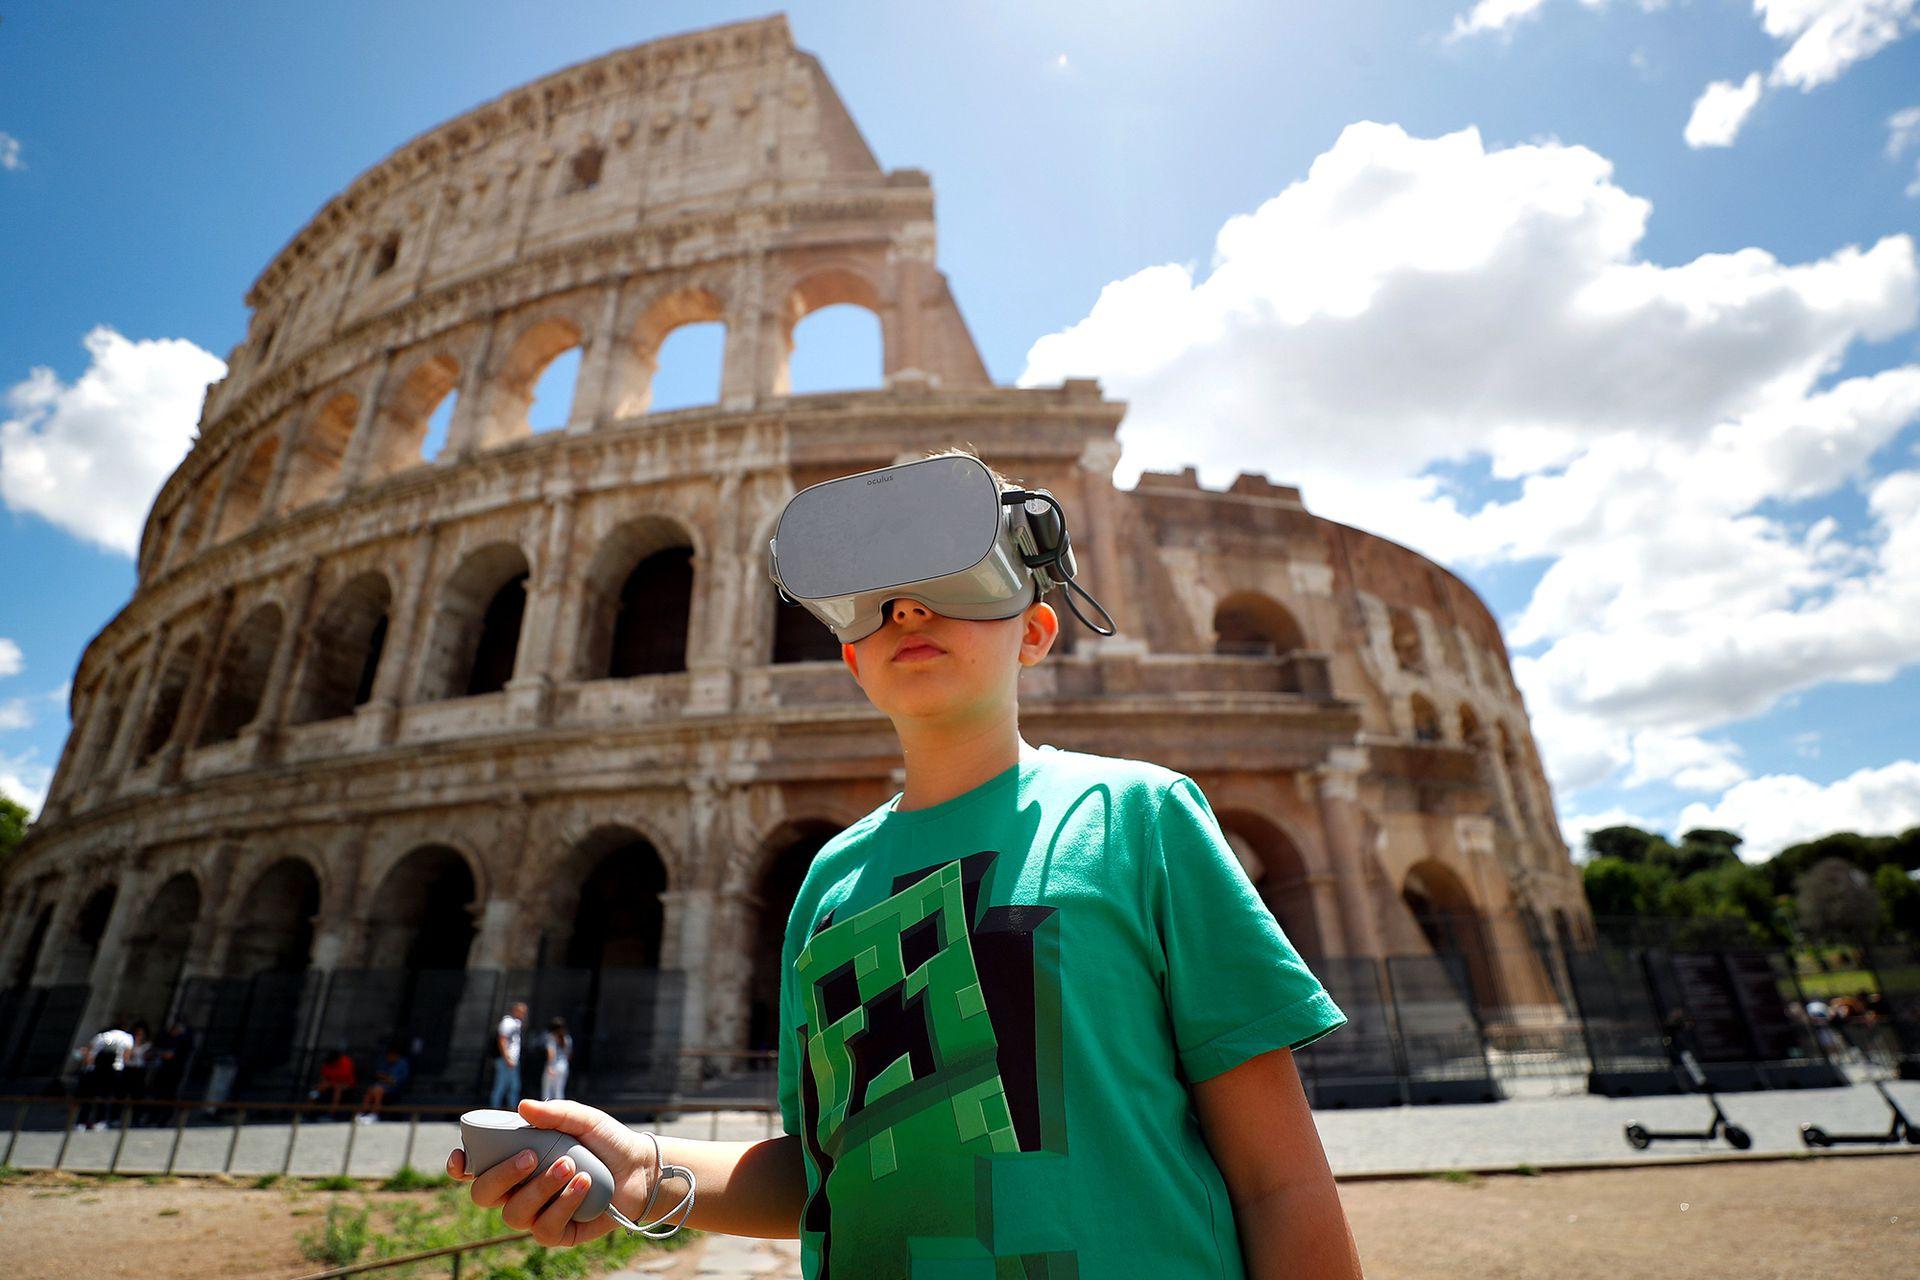 La vuelta al Coliseo. Los romanos aprovechan para visitar el imponente anfiteatro sin filas